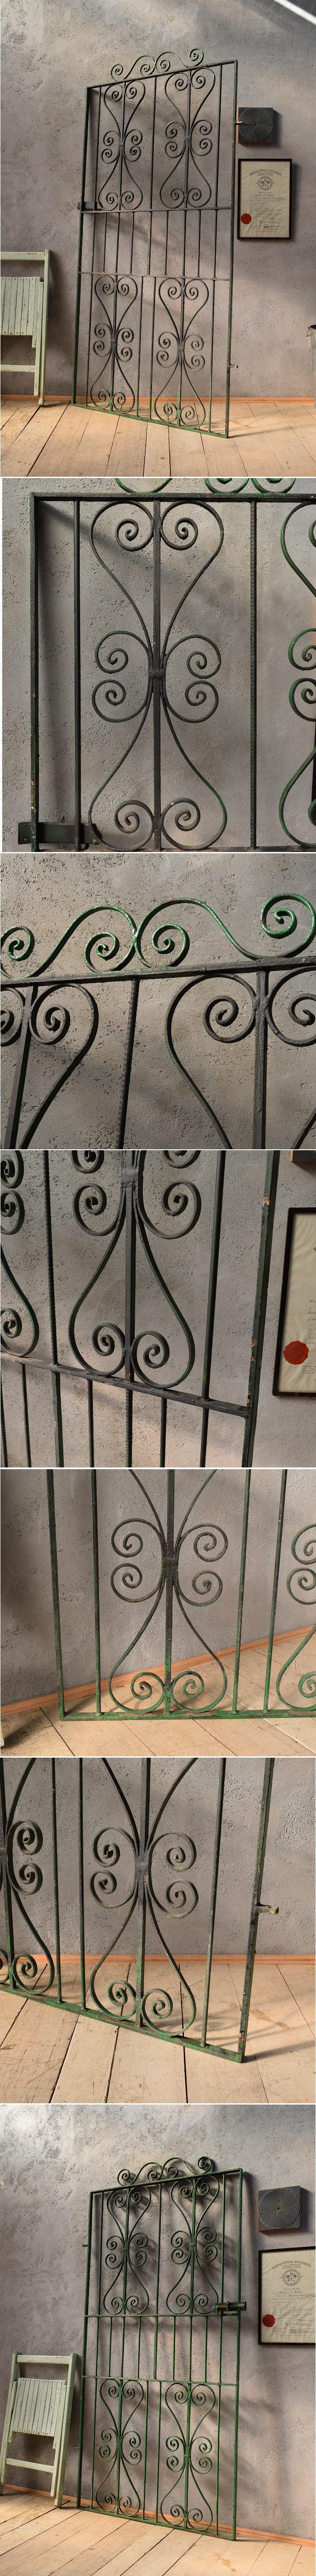 イギリスアンティーク アイアンフェンス ゲート柵 ガーデニング 6600